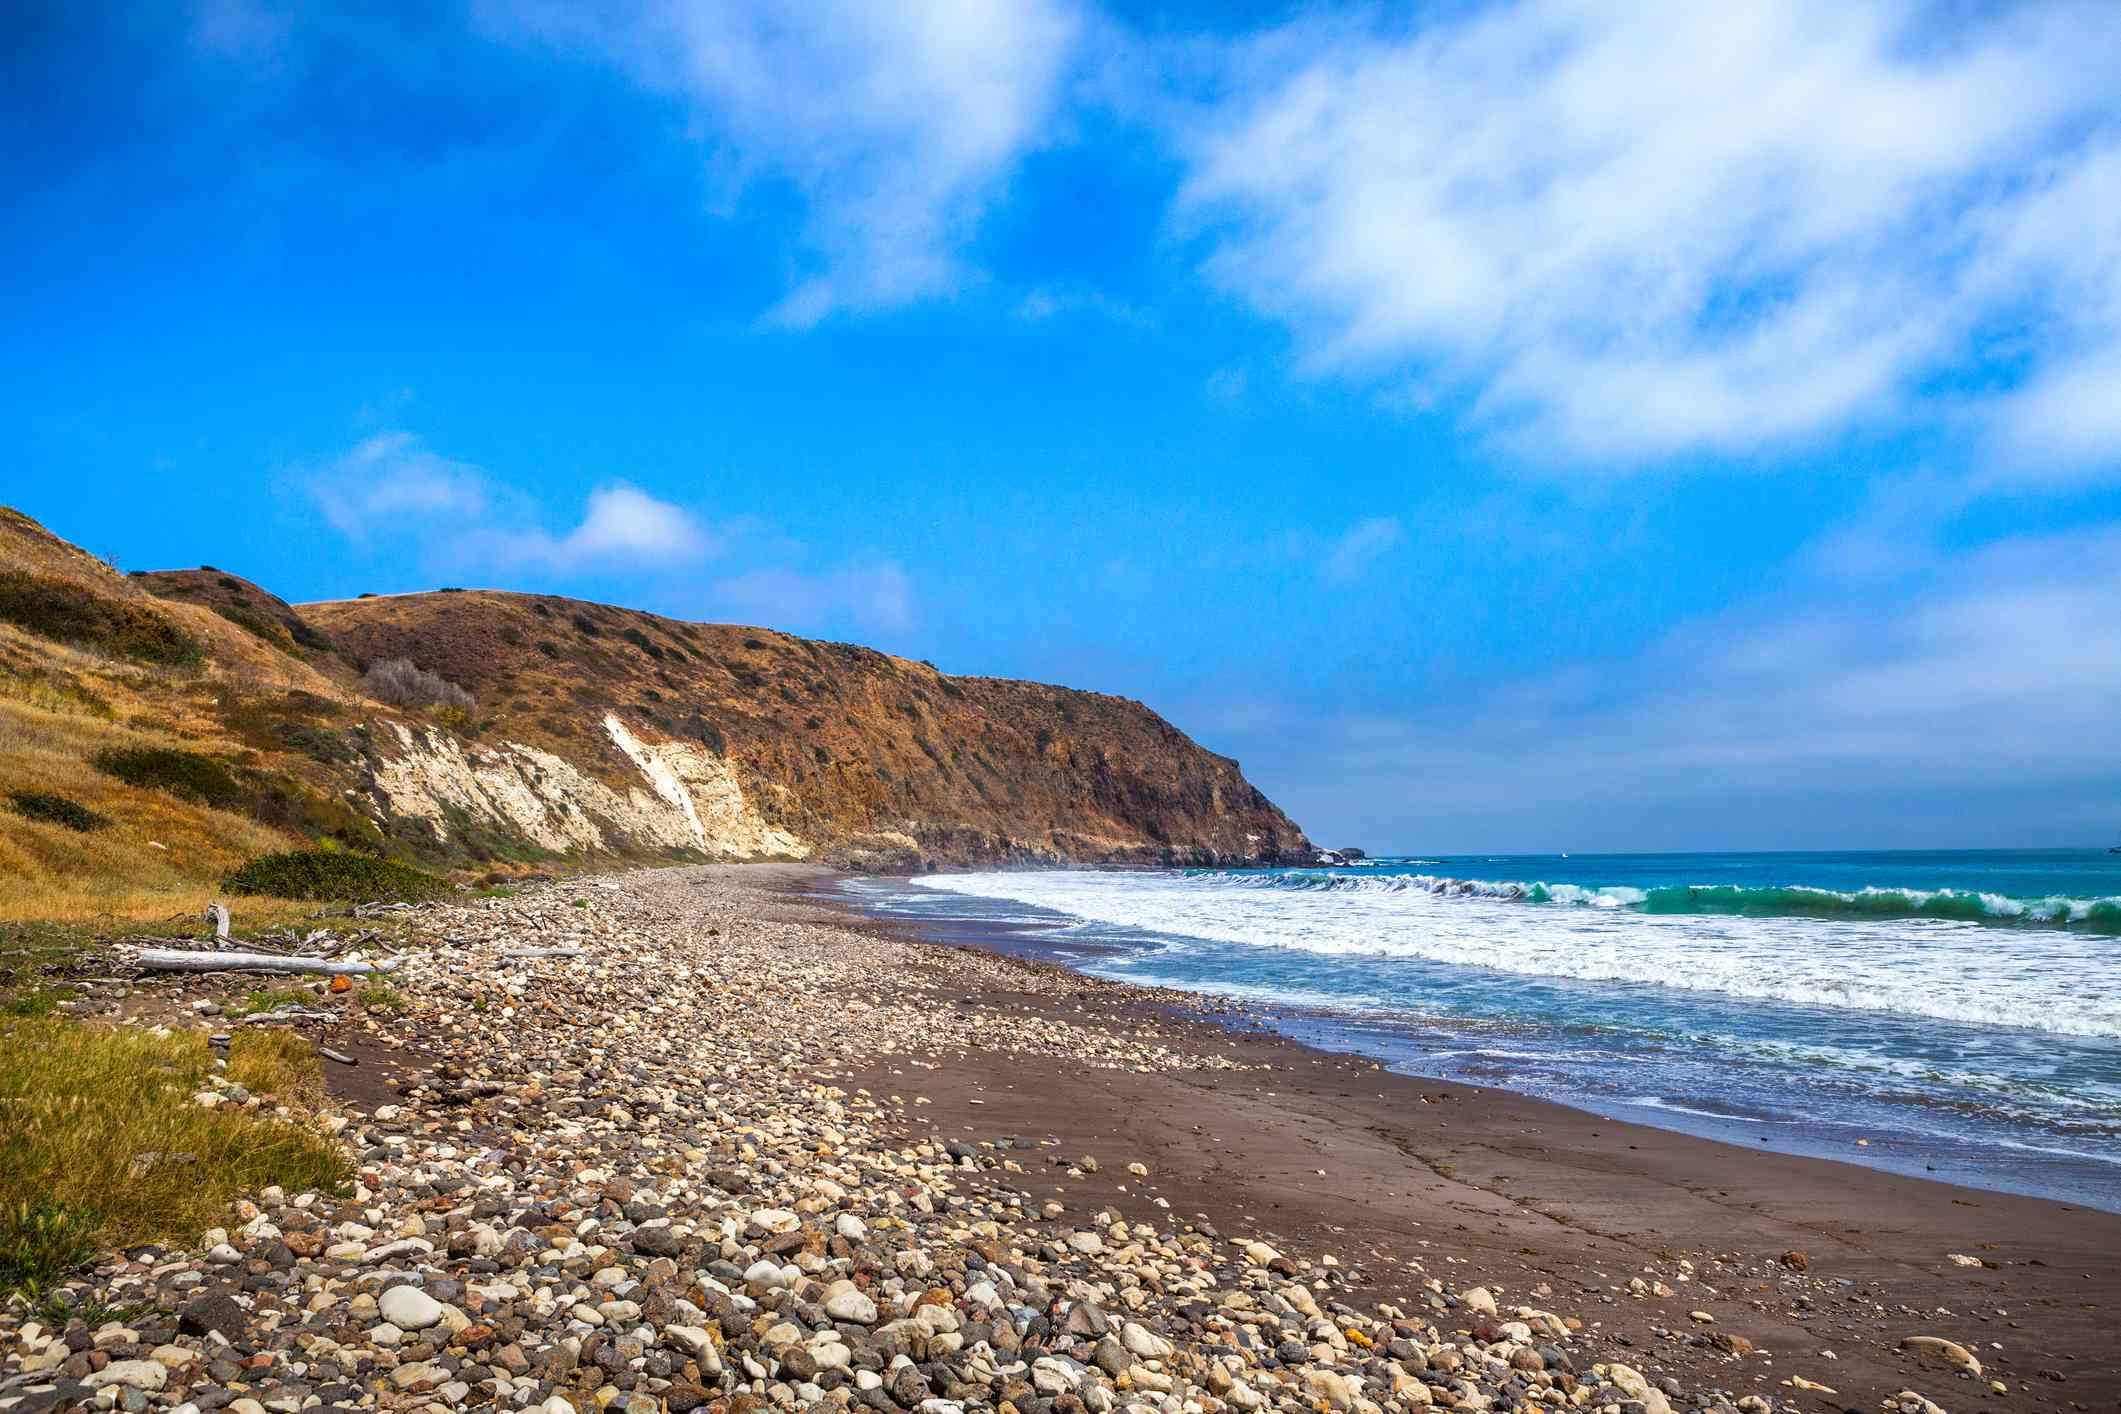 Smugglers Cove in Santa Cruz, California